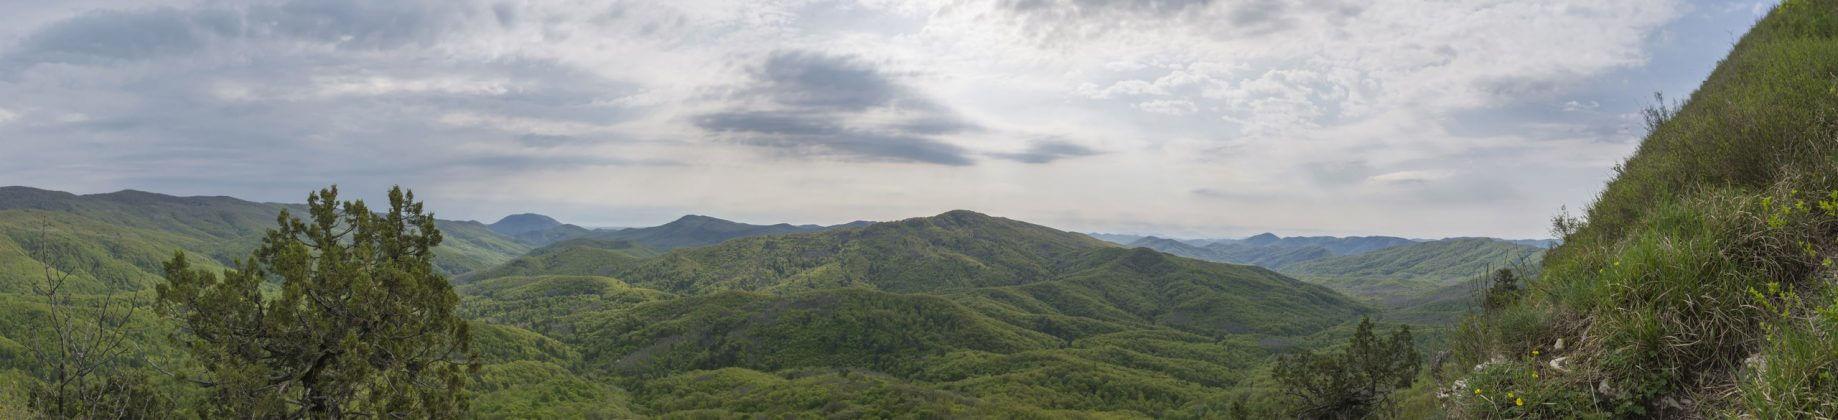 Панорама рядом с восточной вершиной горы Папай